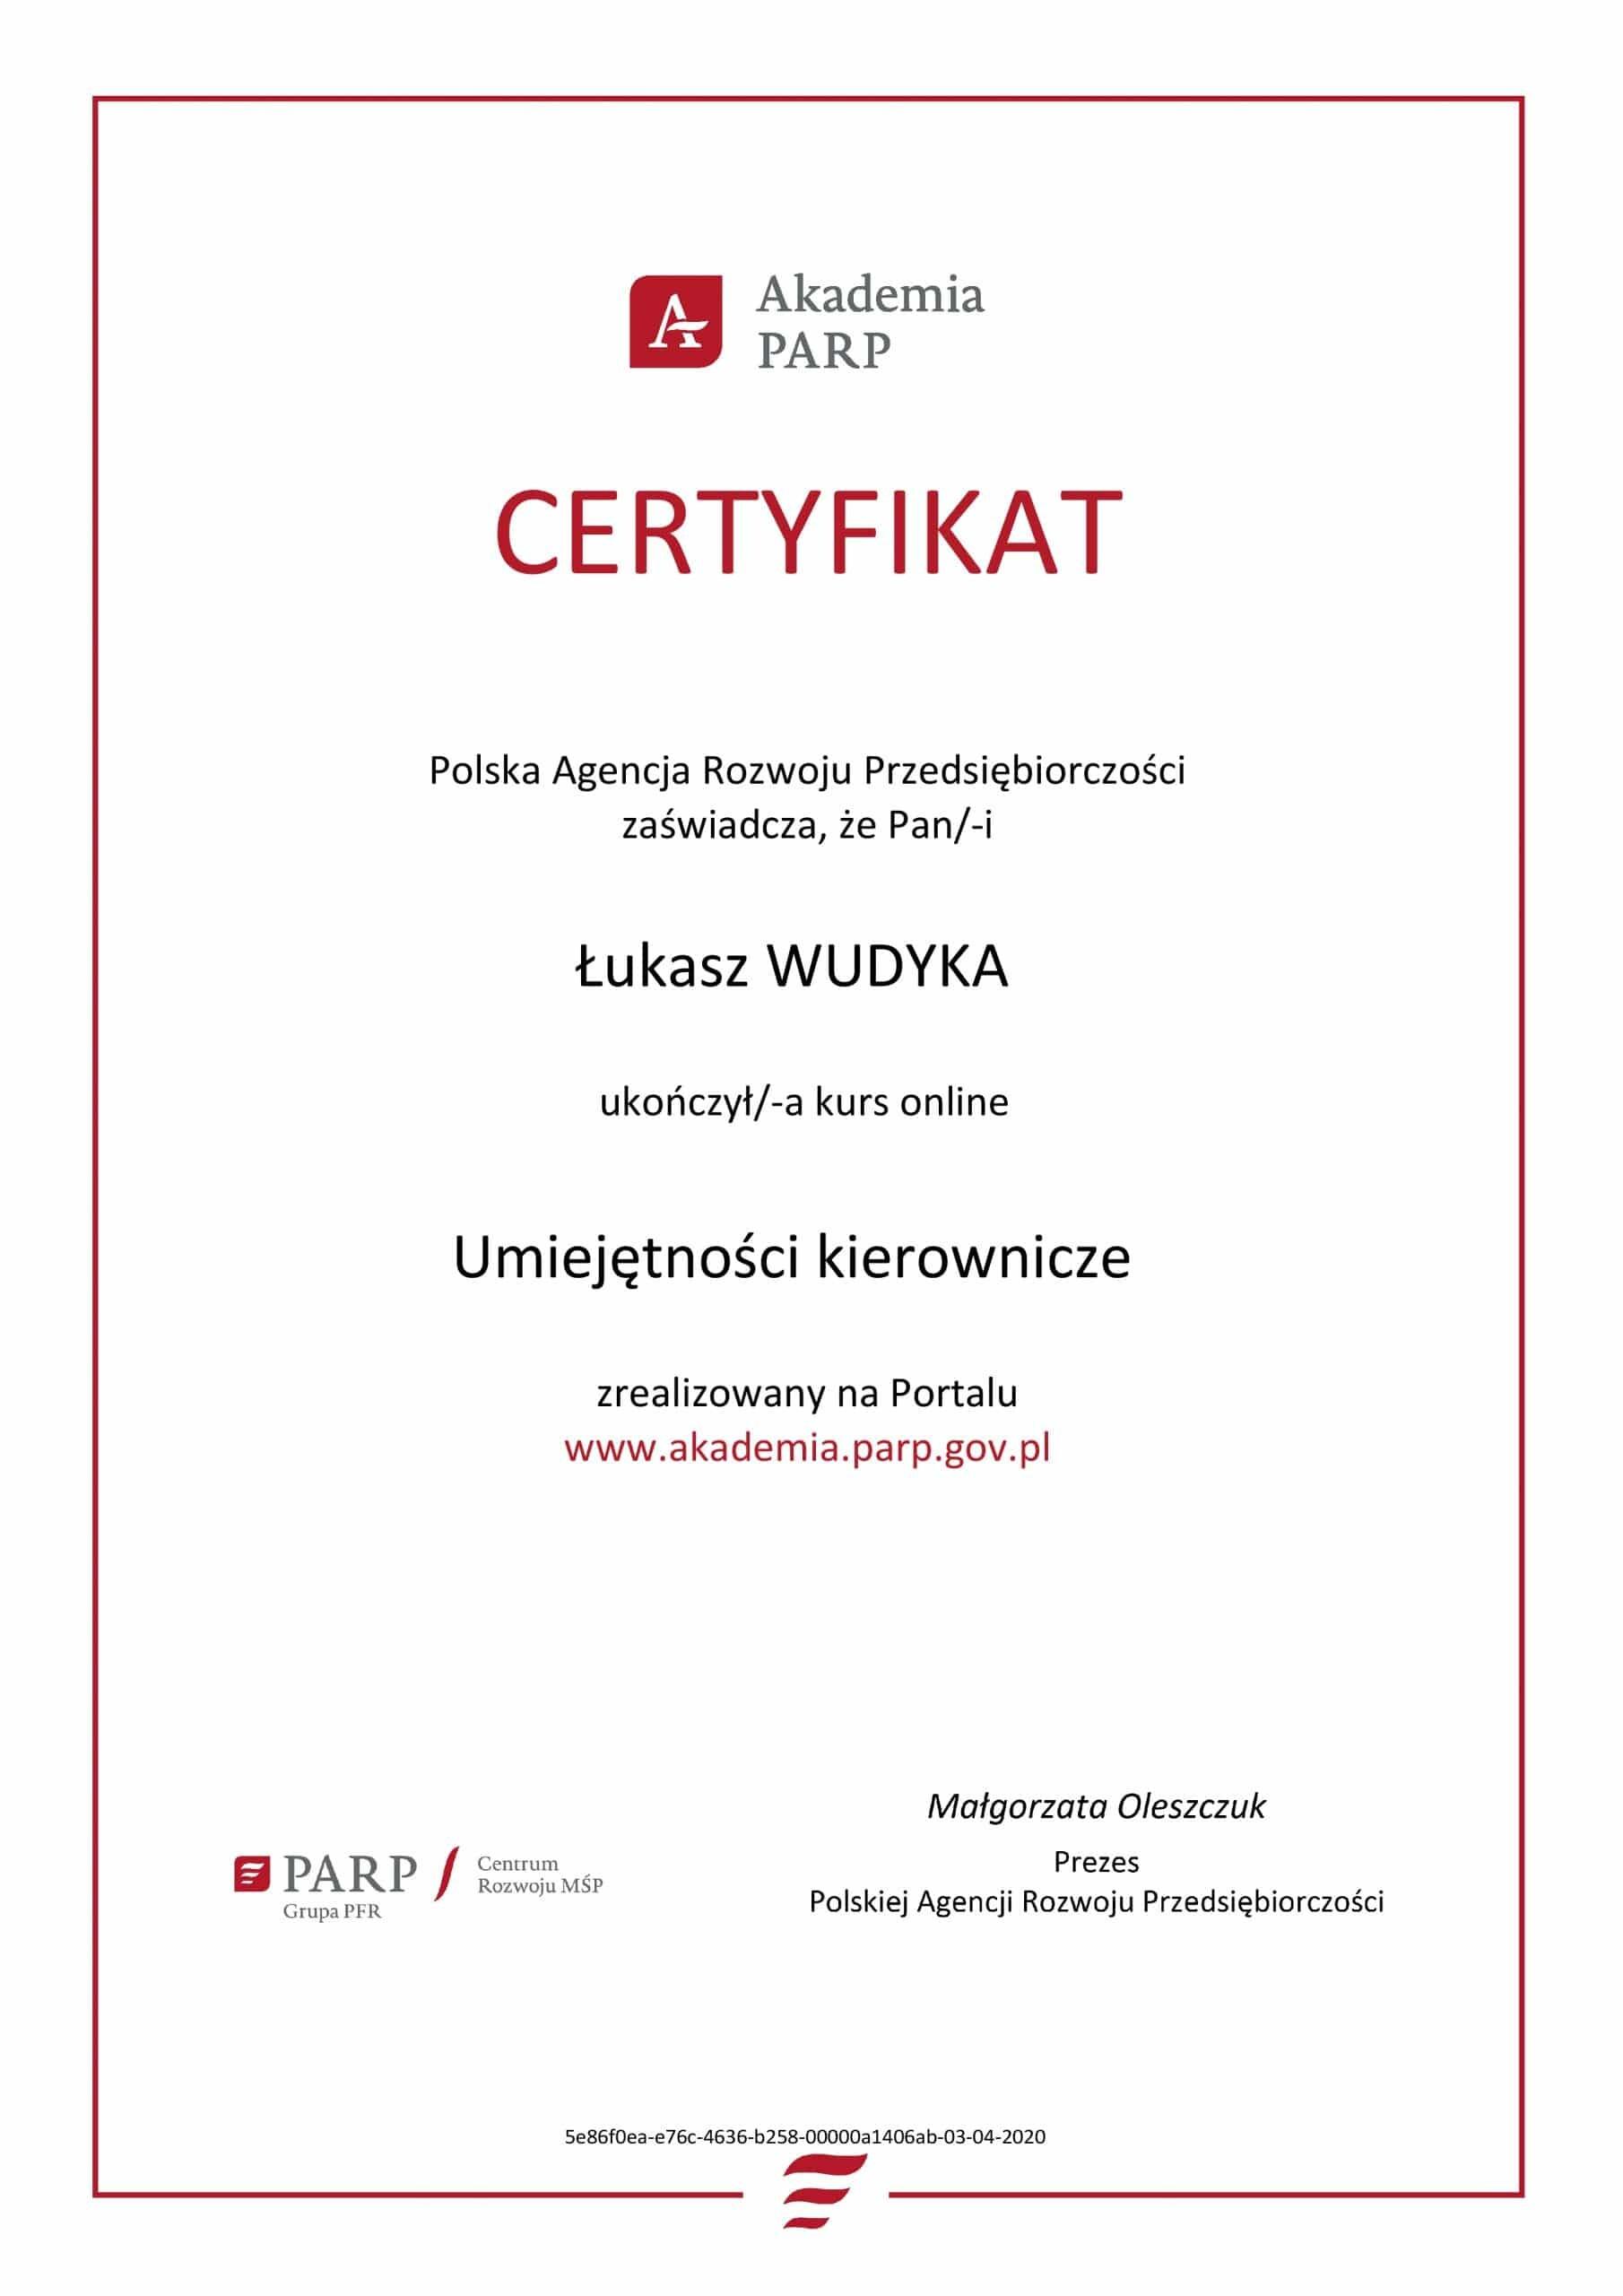 Łukasz Wudyka certyfikat Umiejętności Kierownicze - Akademia PARP